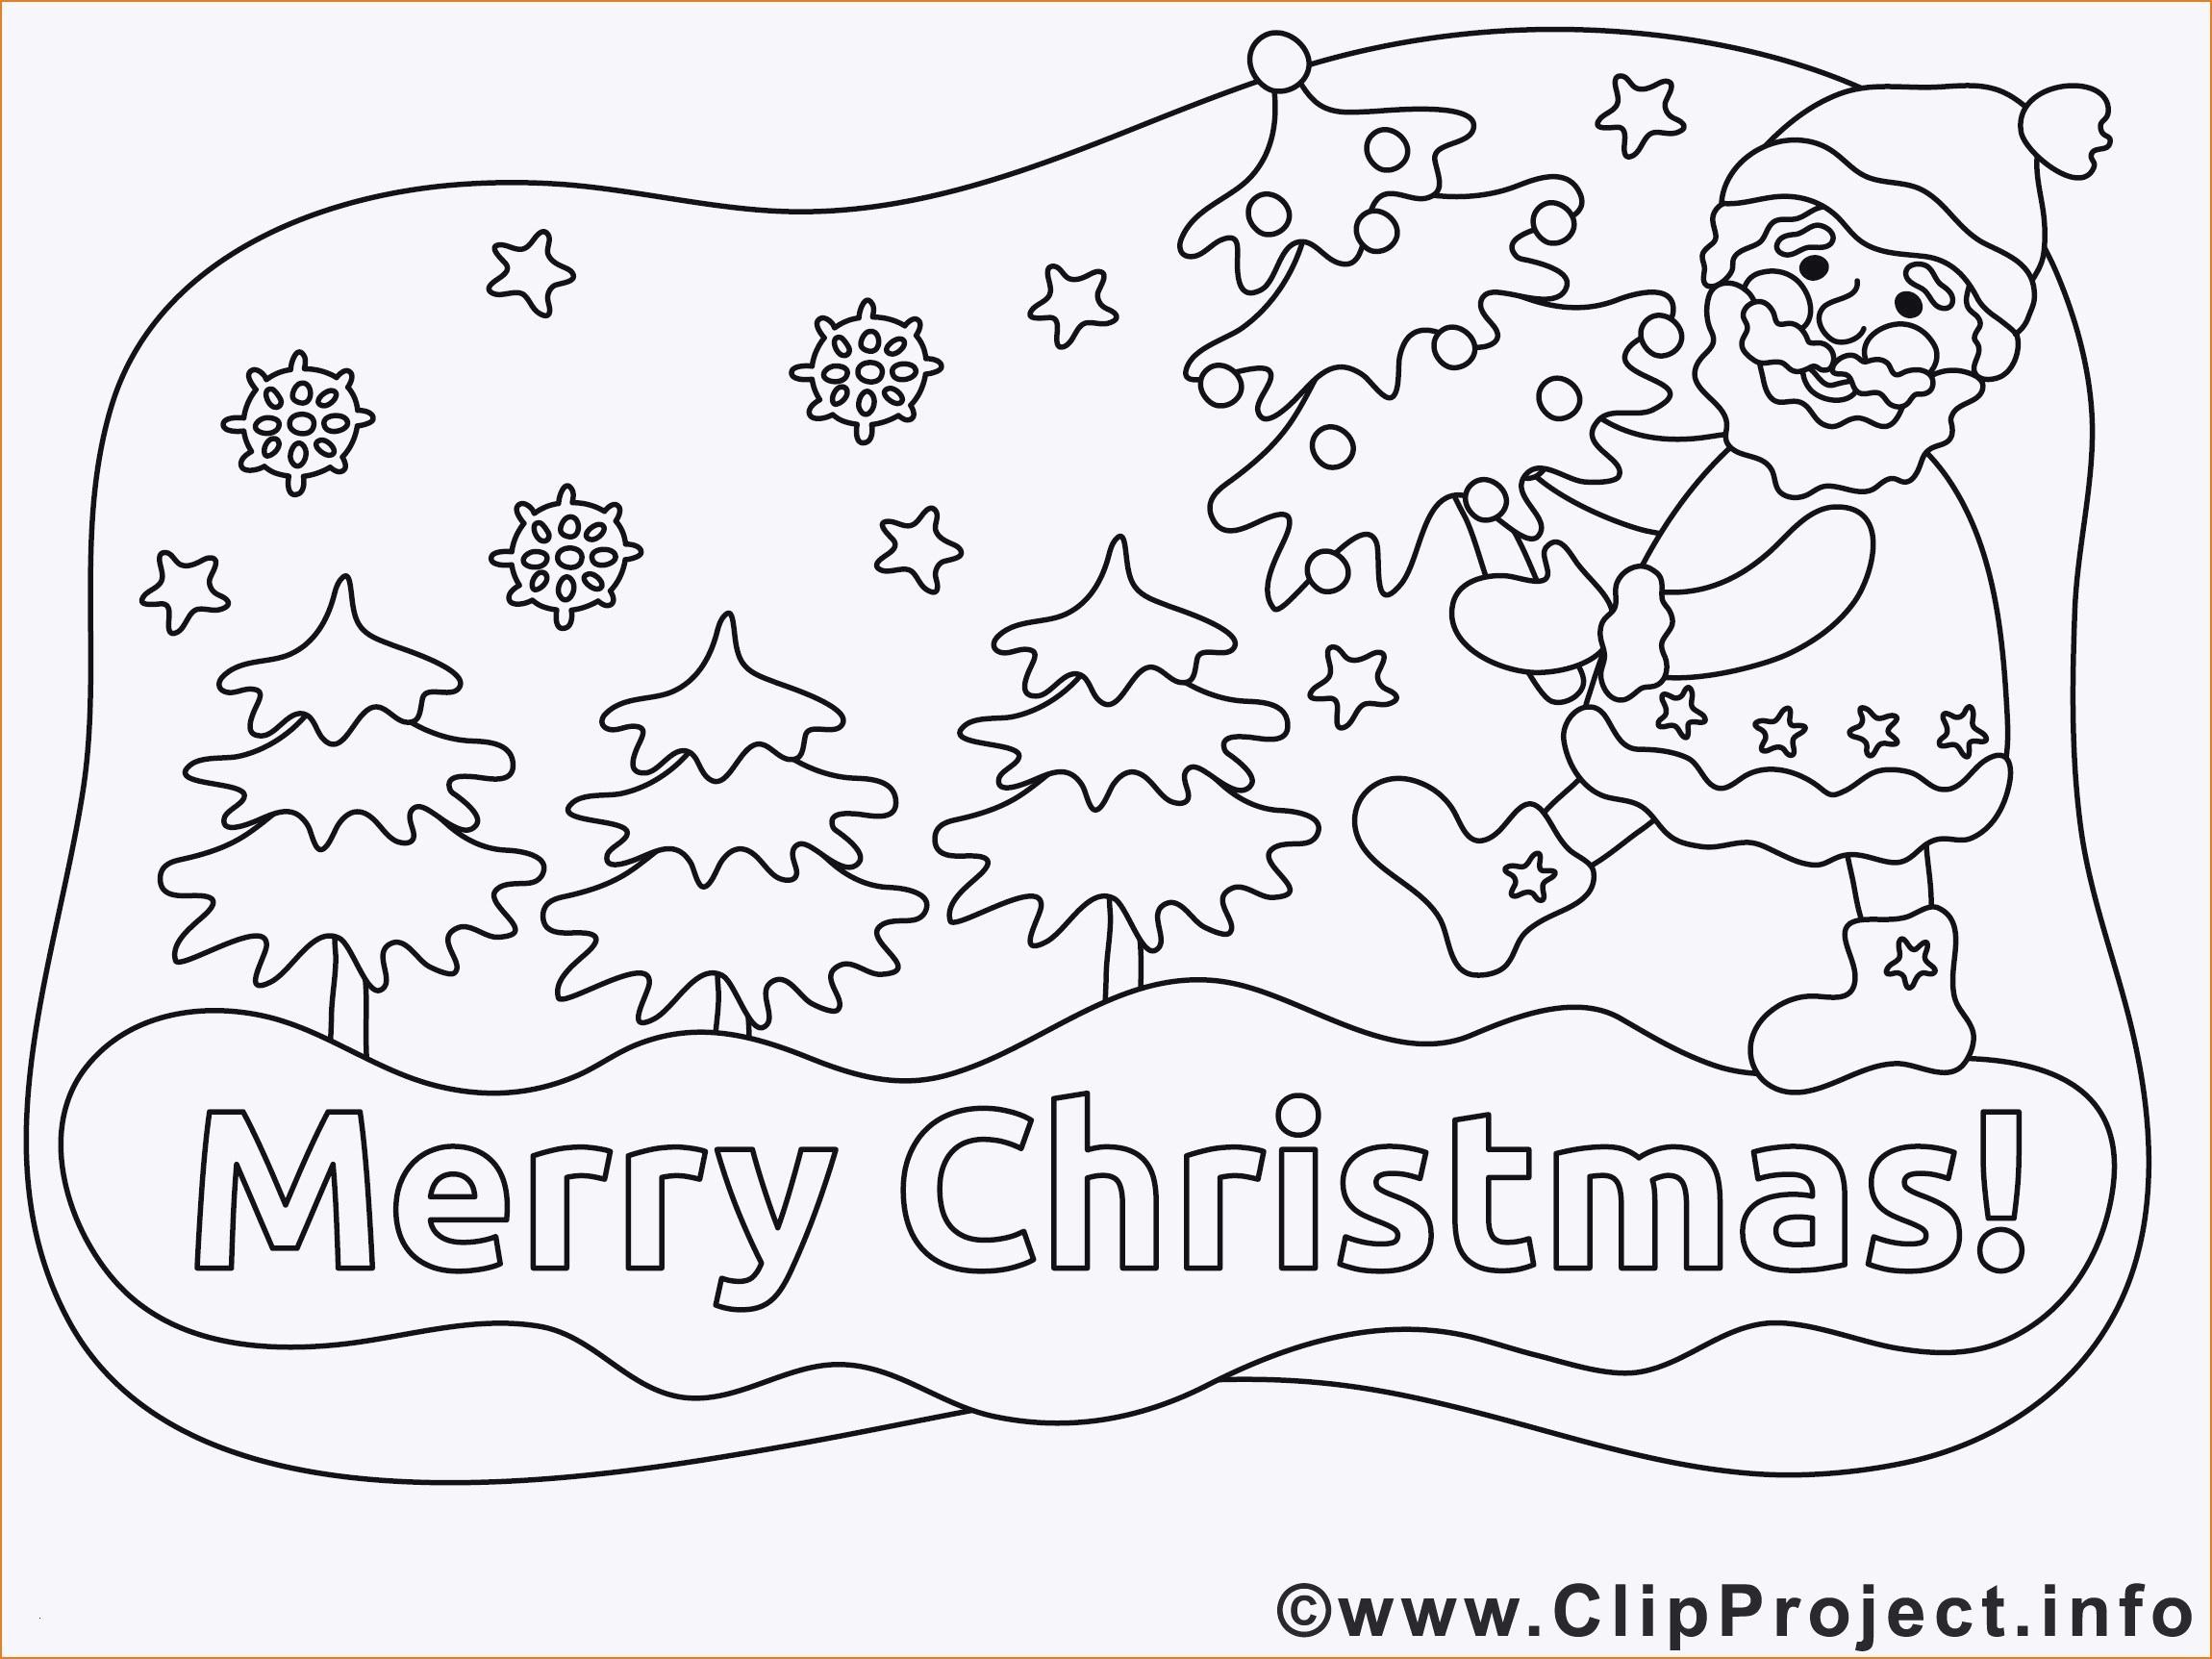 Ausmalbilder Weihnachten - Malvorlagen Für Kinder in Malvorlagen Weihnachten Kostenlos